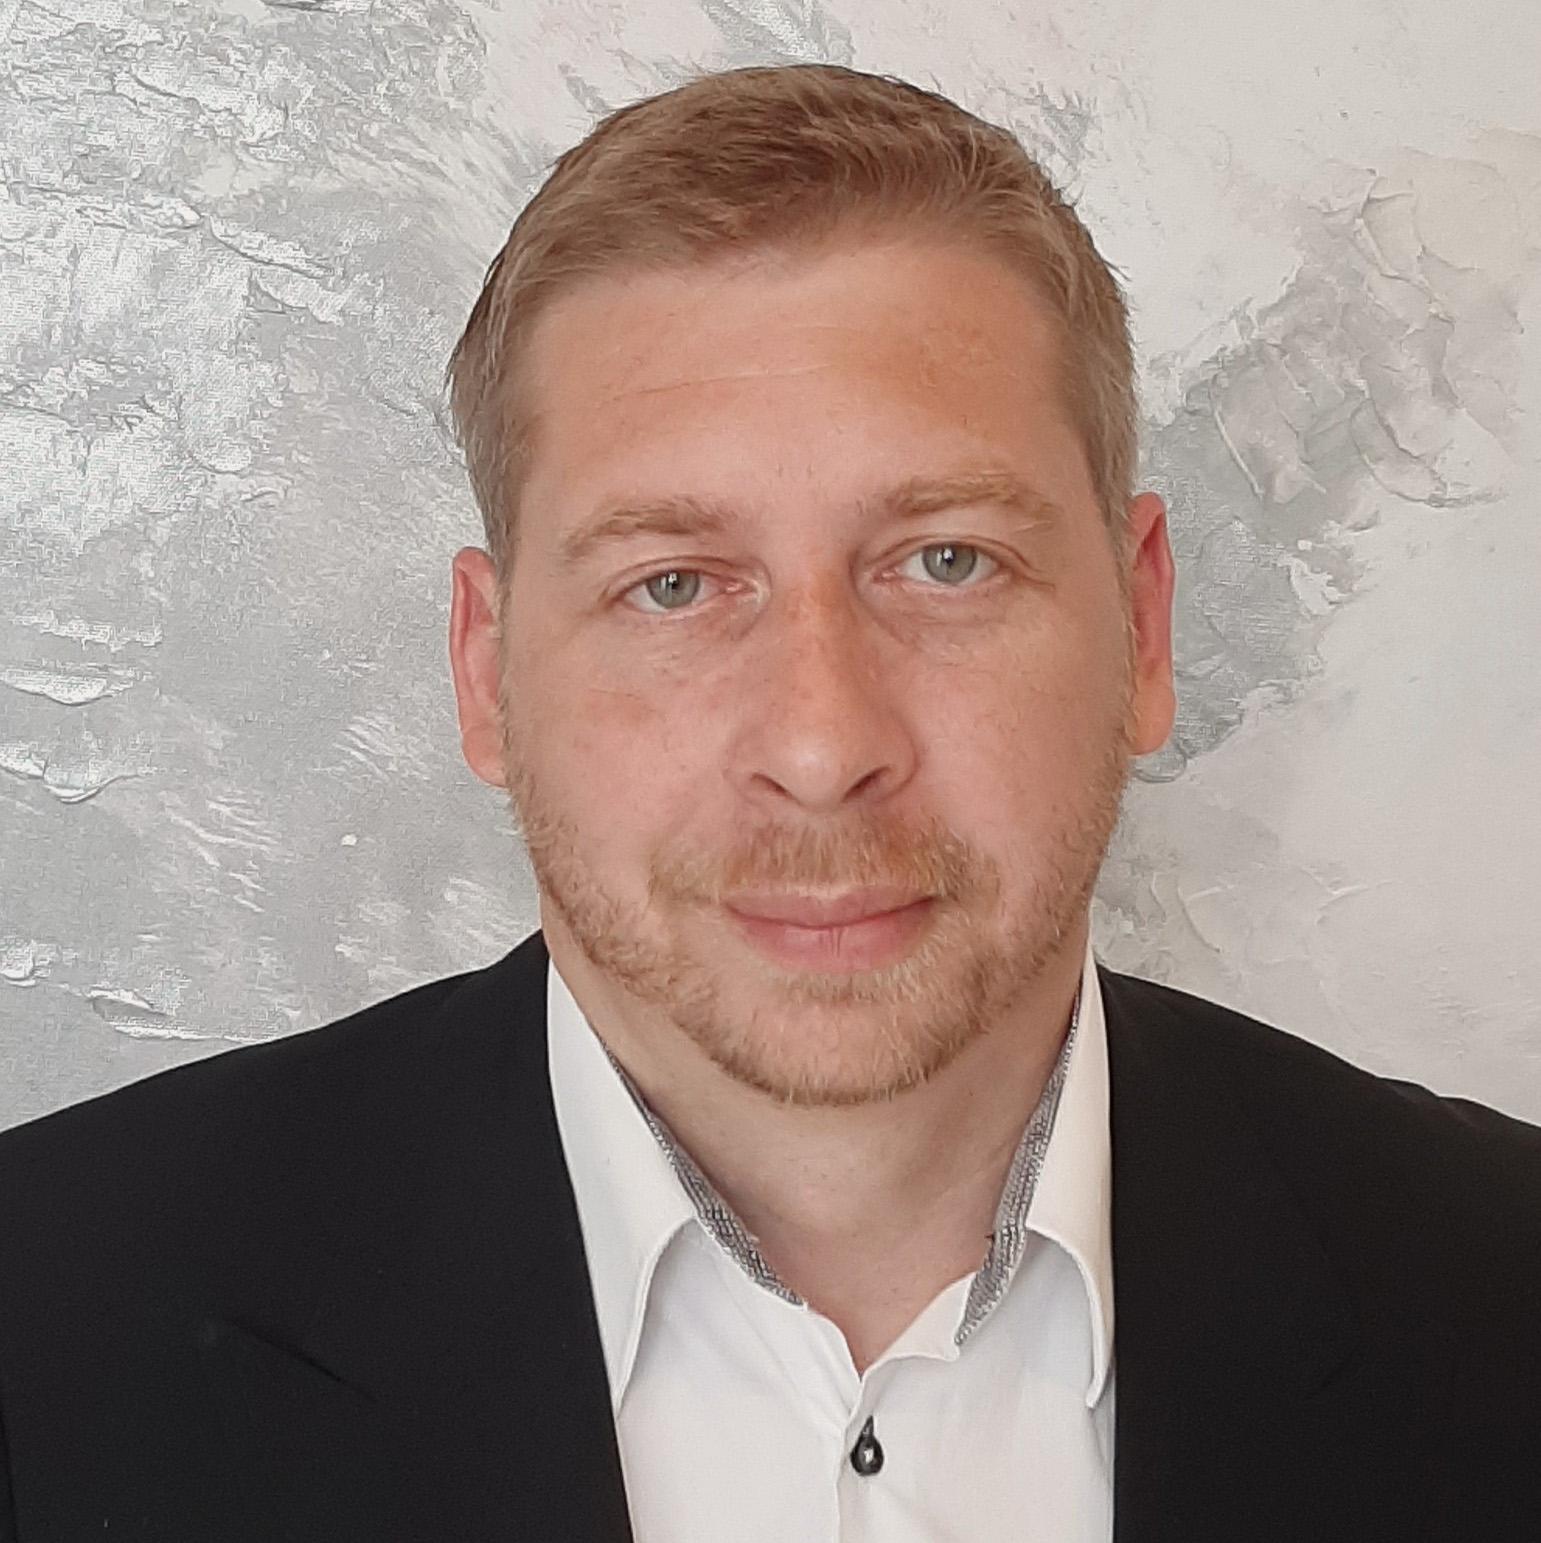 Norbert Hörhager-Berl